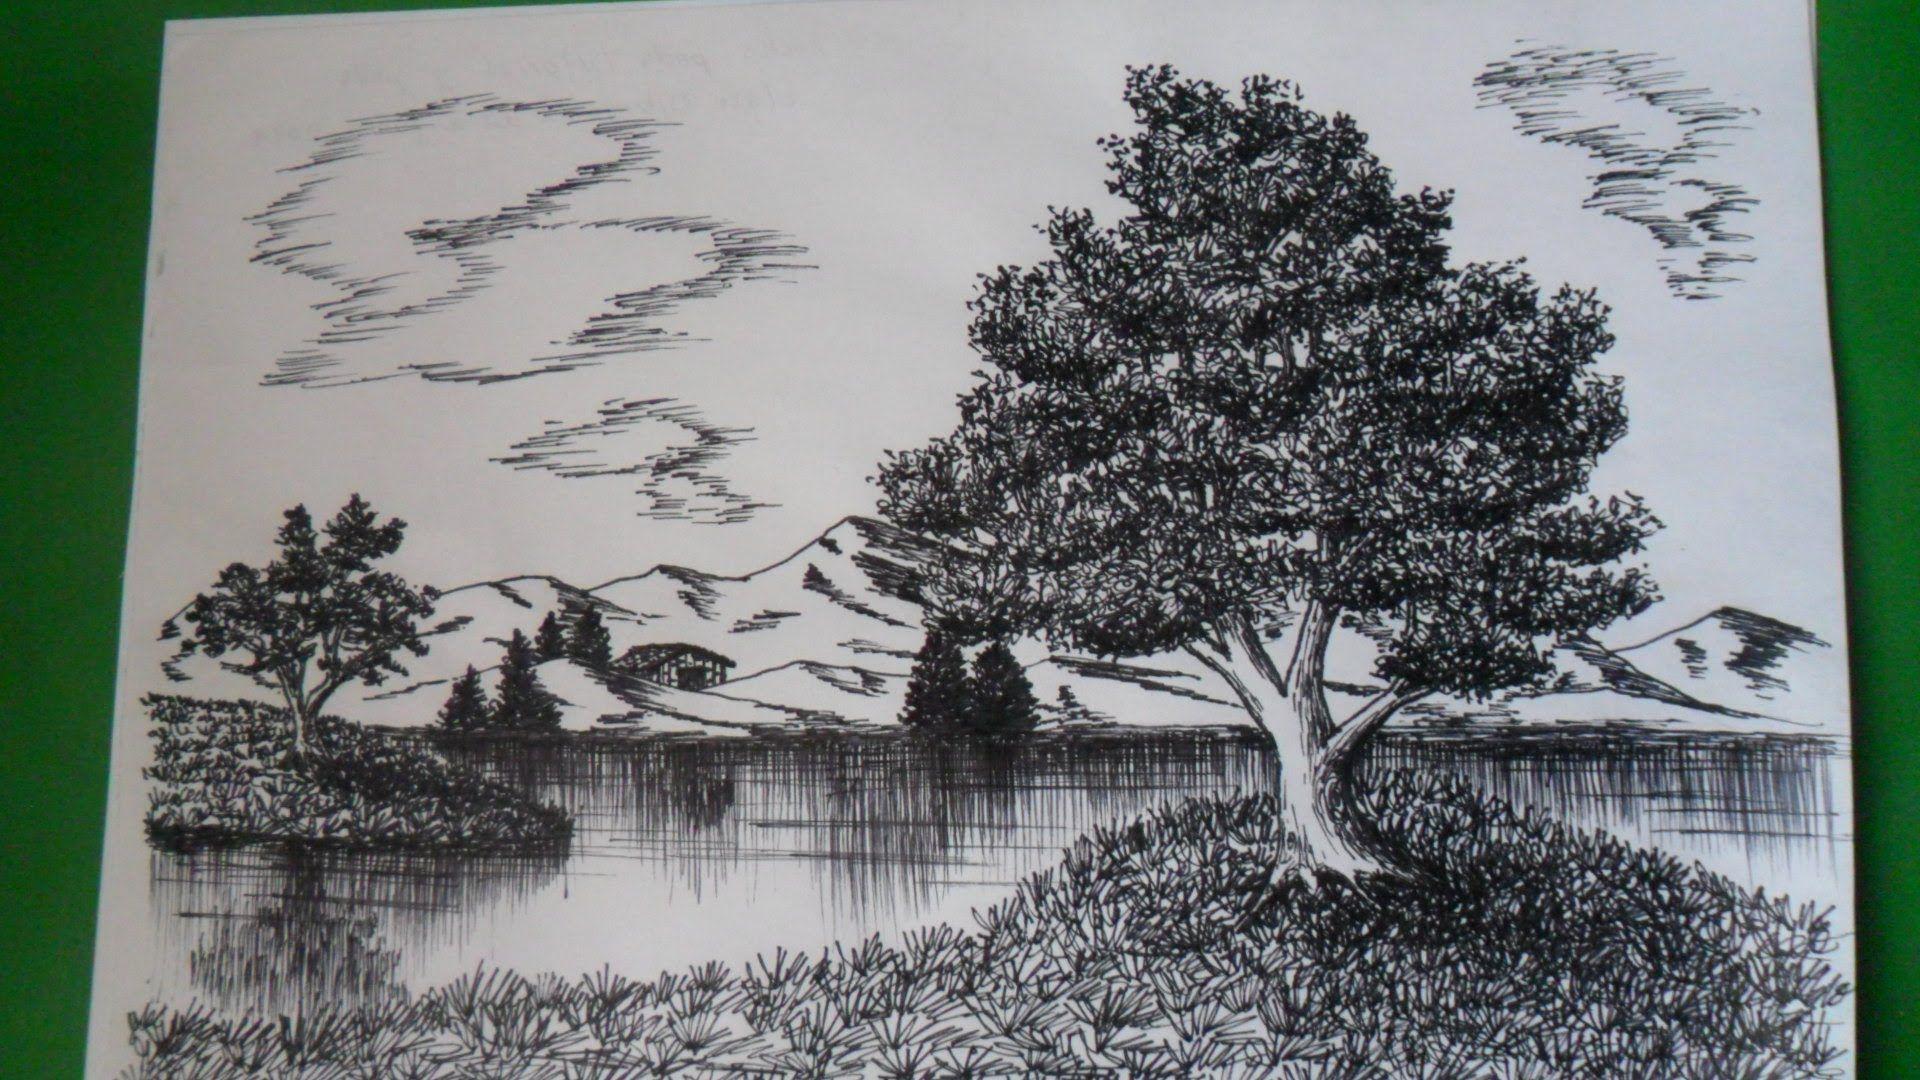 Como Dibujar Un Paisaje Natural A Tinta A Base De Texturas Mediante Toda Clase De Trazos Paisajes Dibujos Paisajes Naturales Dibujo Tinta China